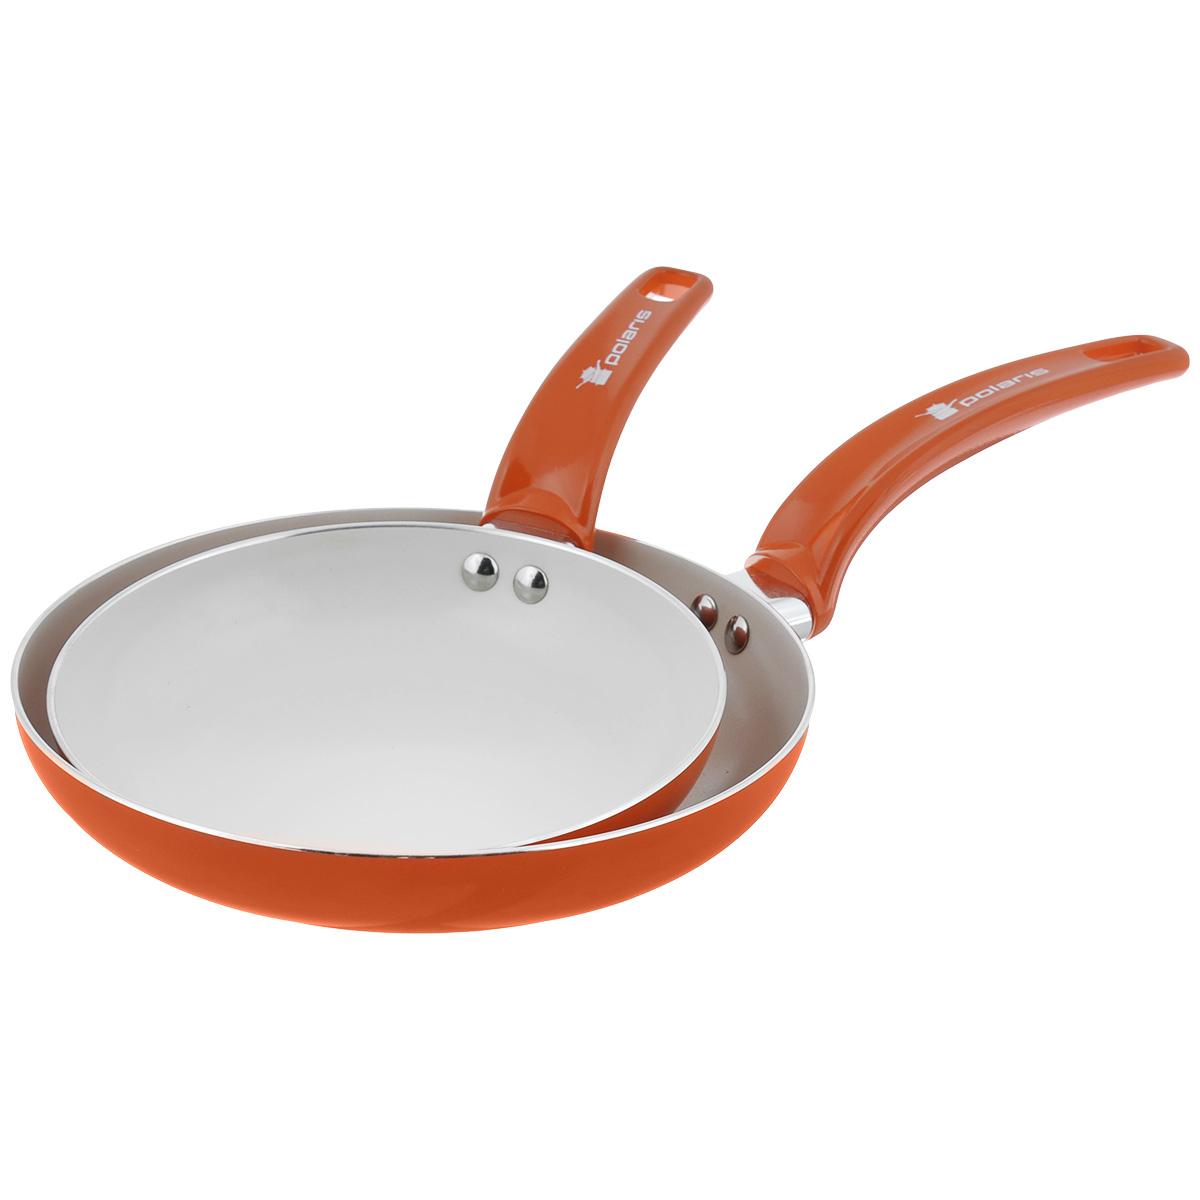 Набор сковород Polaris Rainbow, с керамическим покрытием, цвет: оранжевый, 2 штFS-80299Набор Polaris Rainbow включает две сковородки разного диаметра, выполненные из штампованного алюминия с керамическим антипригарным покрытием. Покрытие экологично, не содержит примеси PFOA и PTFE. Эргономичная ручка из бакелита не нагревается в процессе эксплуатации. Изделия подходят для всех типов плит, кроме индукционных. Можно мыть в посудомоечной машине. Диаметр сковород (по верхнему краю): 20 см, 24 см. Высота стенки сковород: 4 см, 4,5 см. Длина ручки сковород: 16 см, 18 см. Толщина стенки: 2,5 мм. Толщина дна: 3 мм.